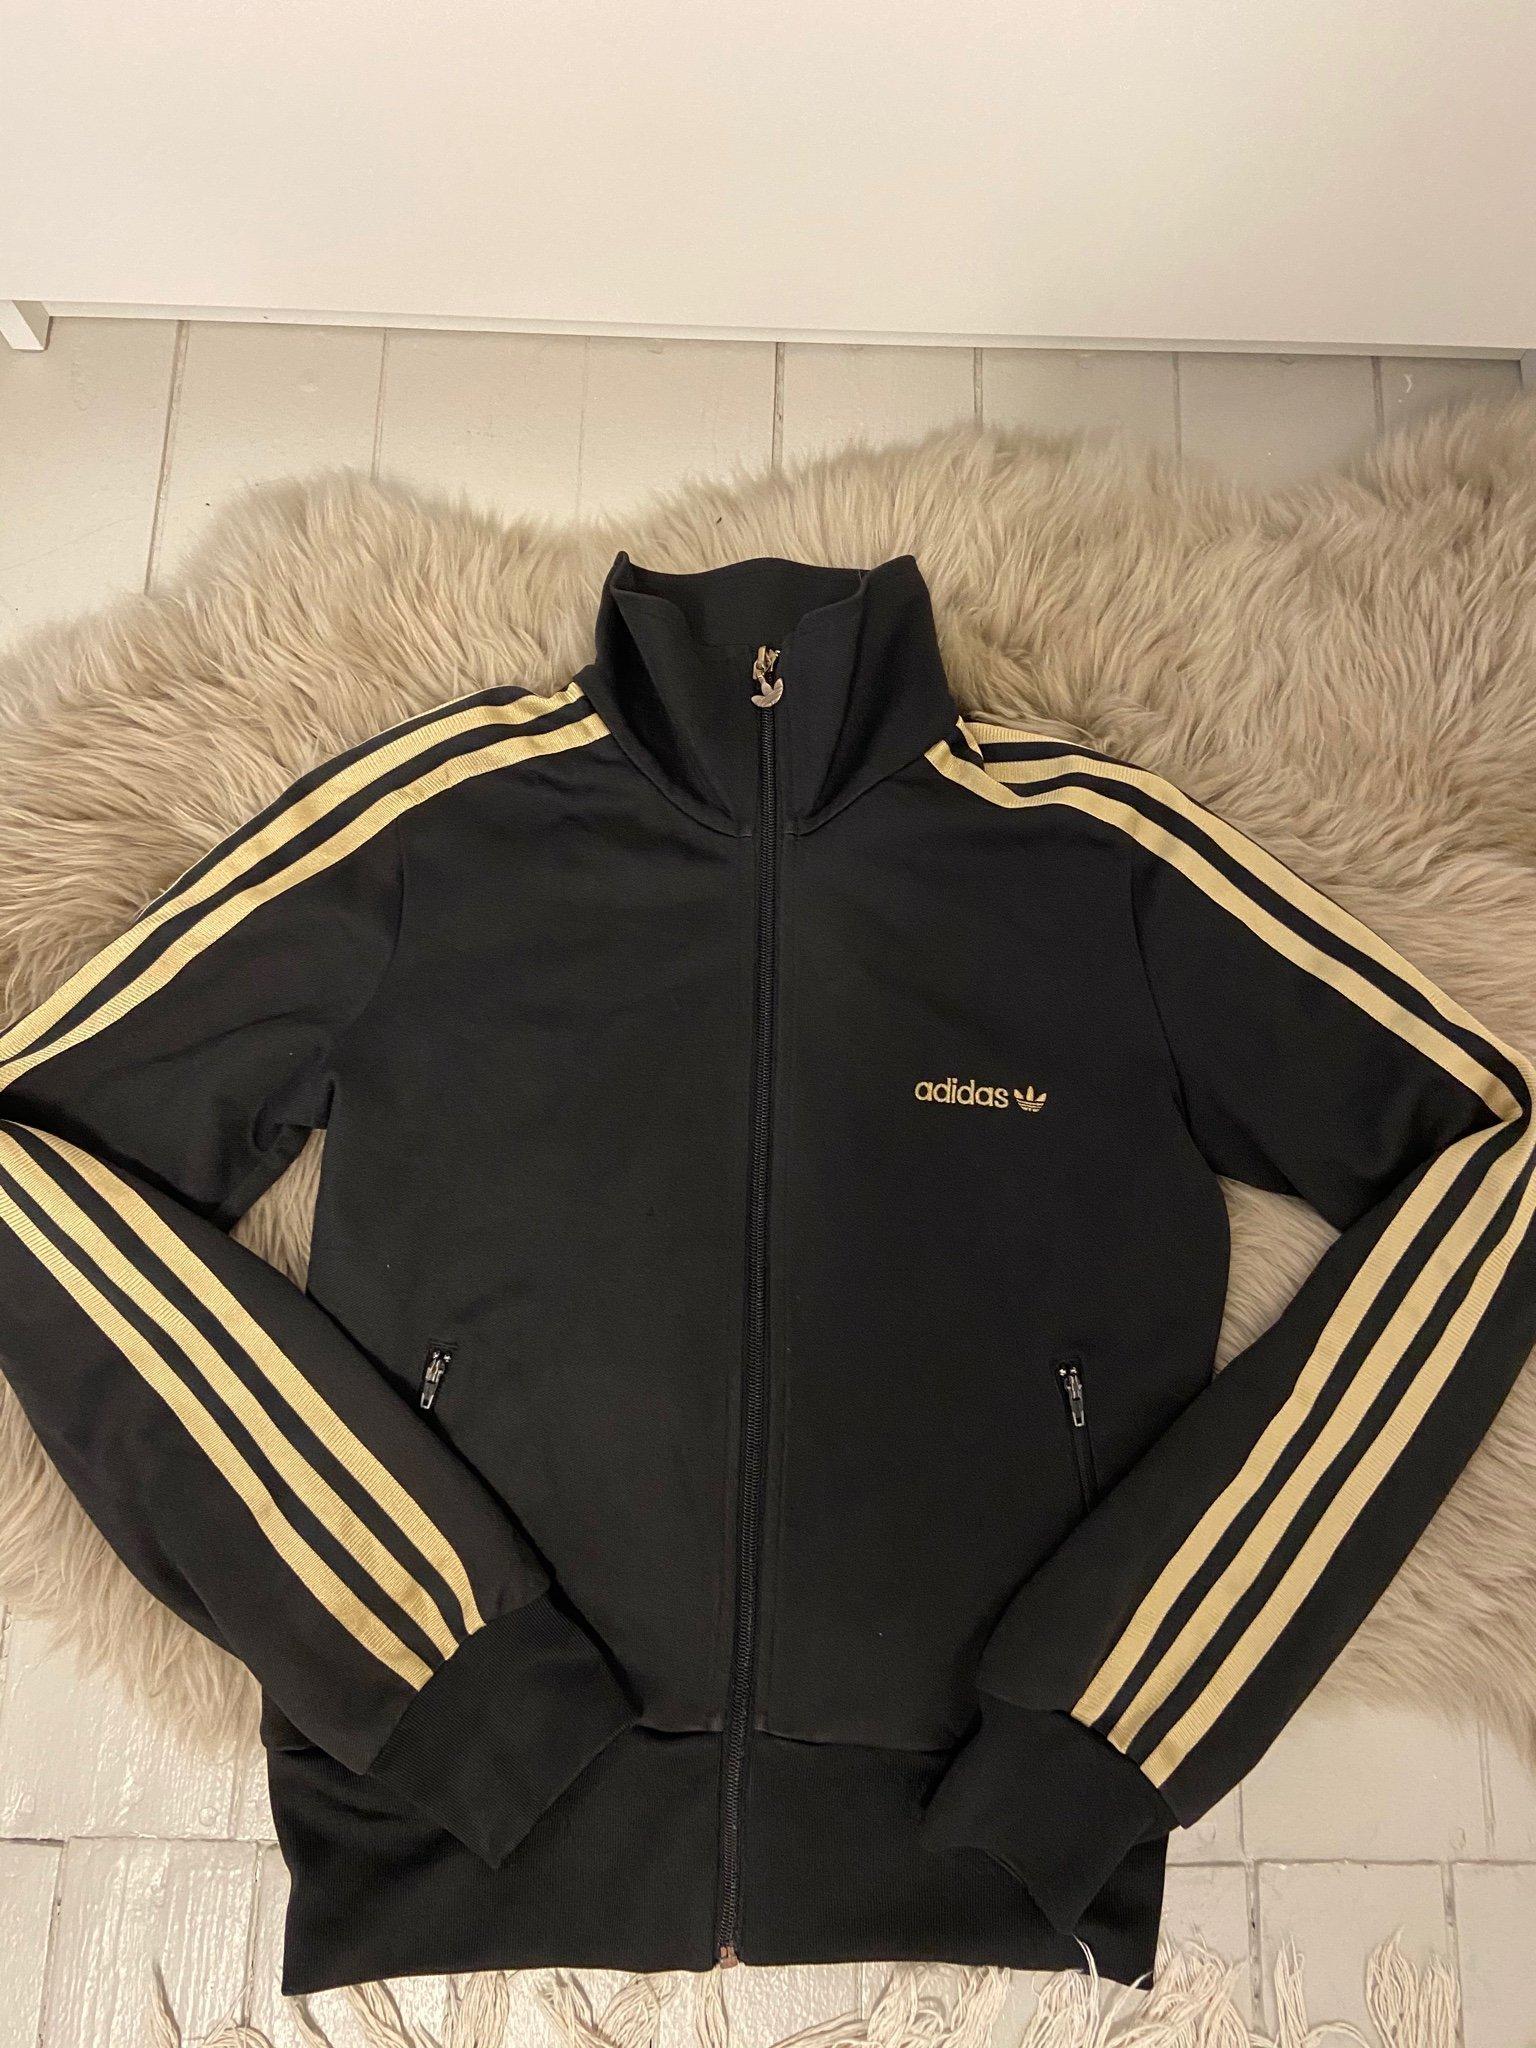 Adidas tröja (420735811) ᐈ Köp på Tradera